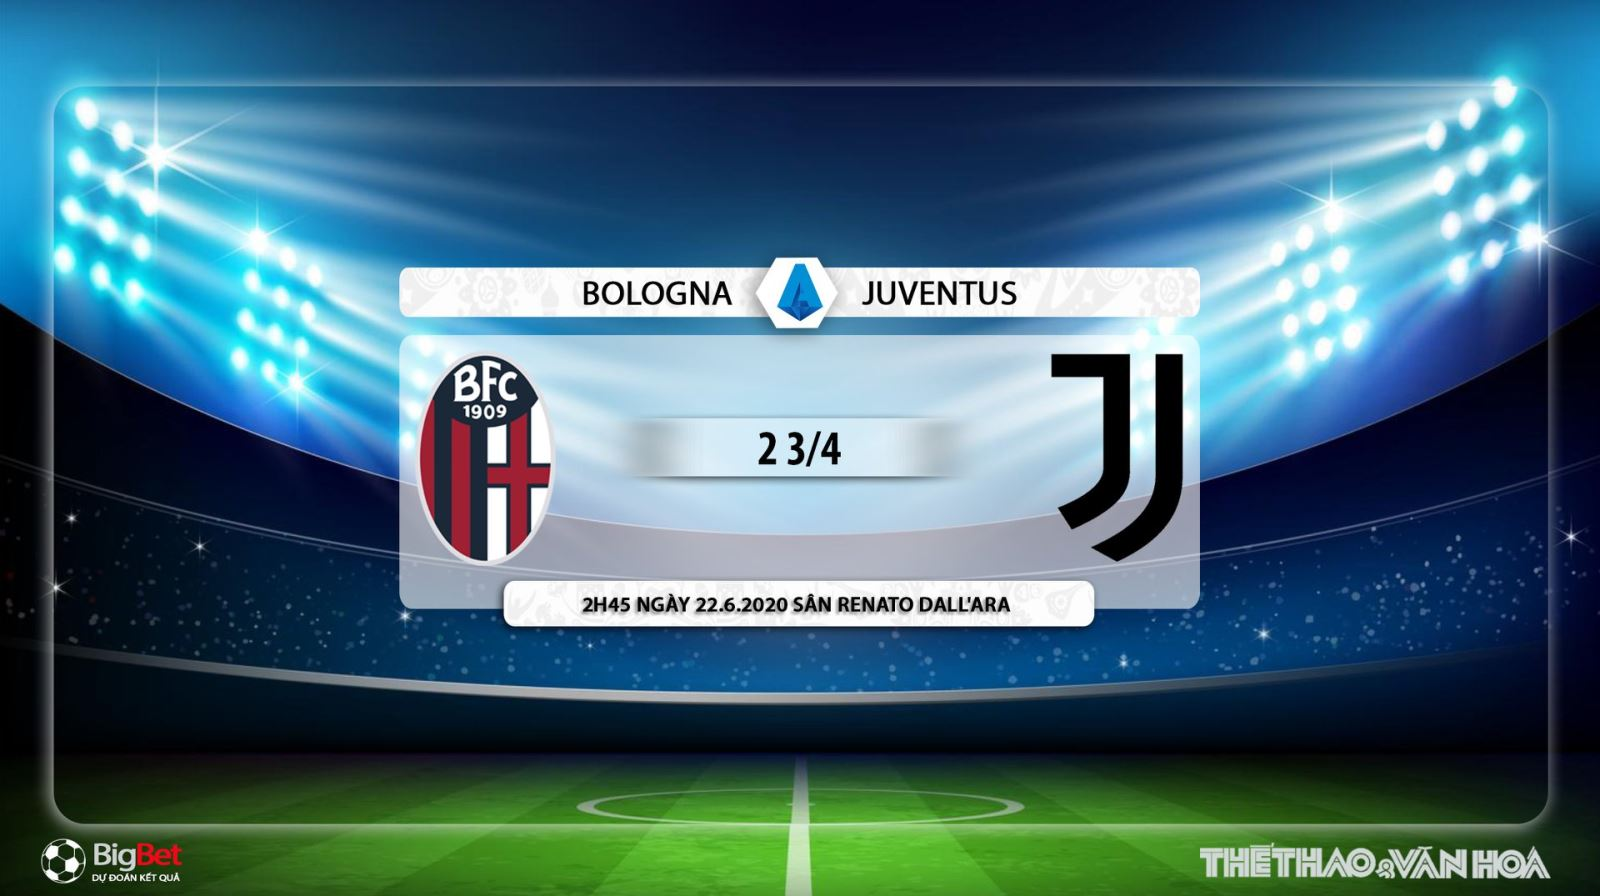 Bologna vs Juventus, Juvetus, Bologna, Bologna vs Juve, soi kèo, kèo bóng đá, trực tiếp, Juve, serie a, trực tiếp bóng đá, FPT Play